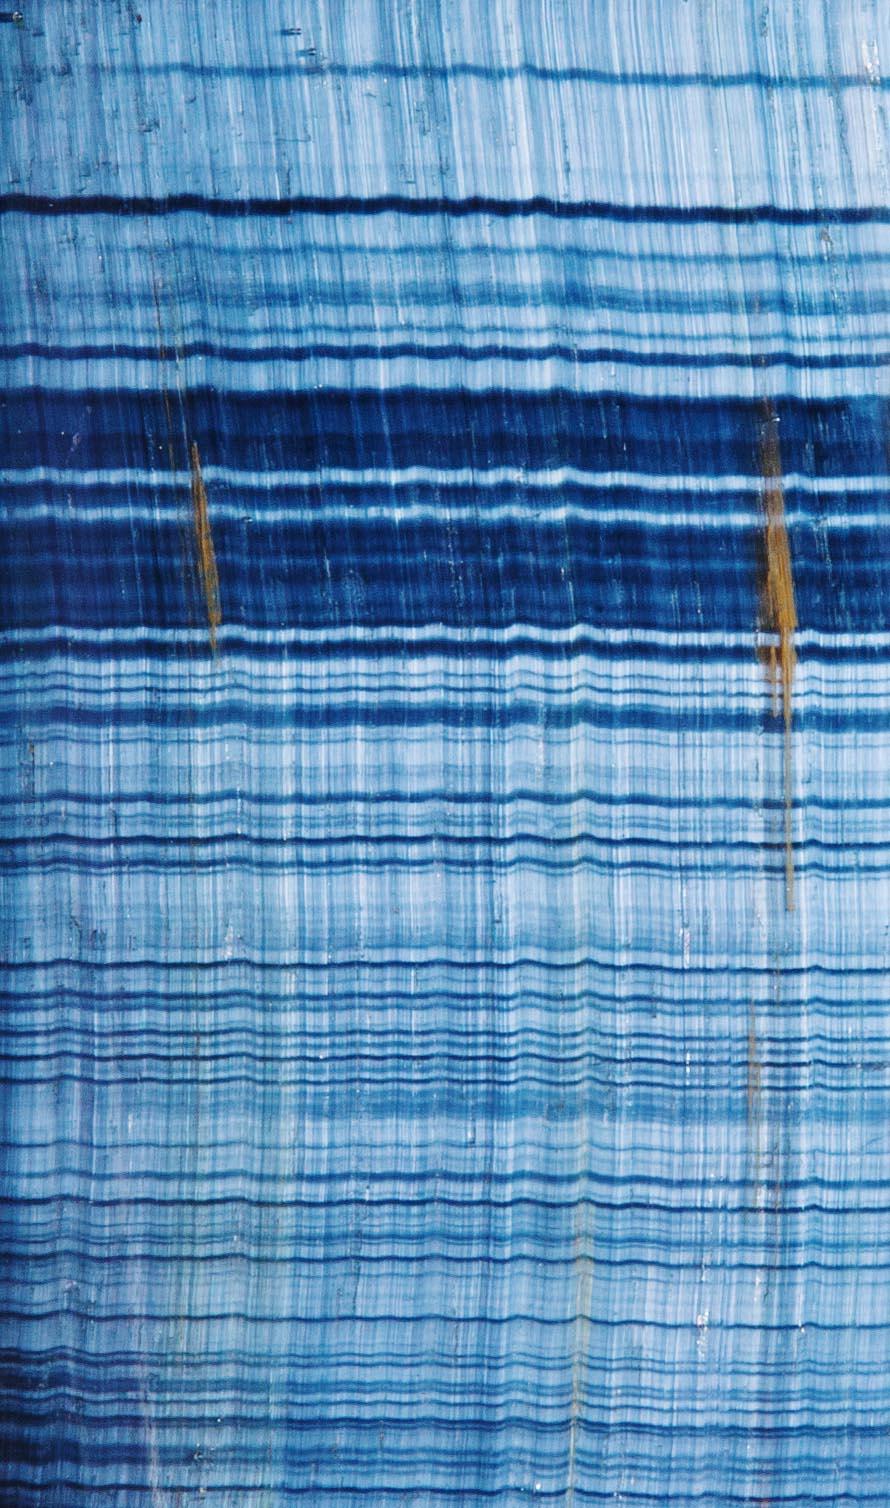 """עין הנץ, תמונת תקריב, אחד הטסטים שצולם לצורך יצירת """"קלפי הנתיבים"""". צילום: מקס קובלסקי Photo by Max Kovalski www.maxkov.com"""